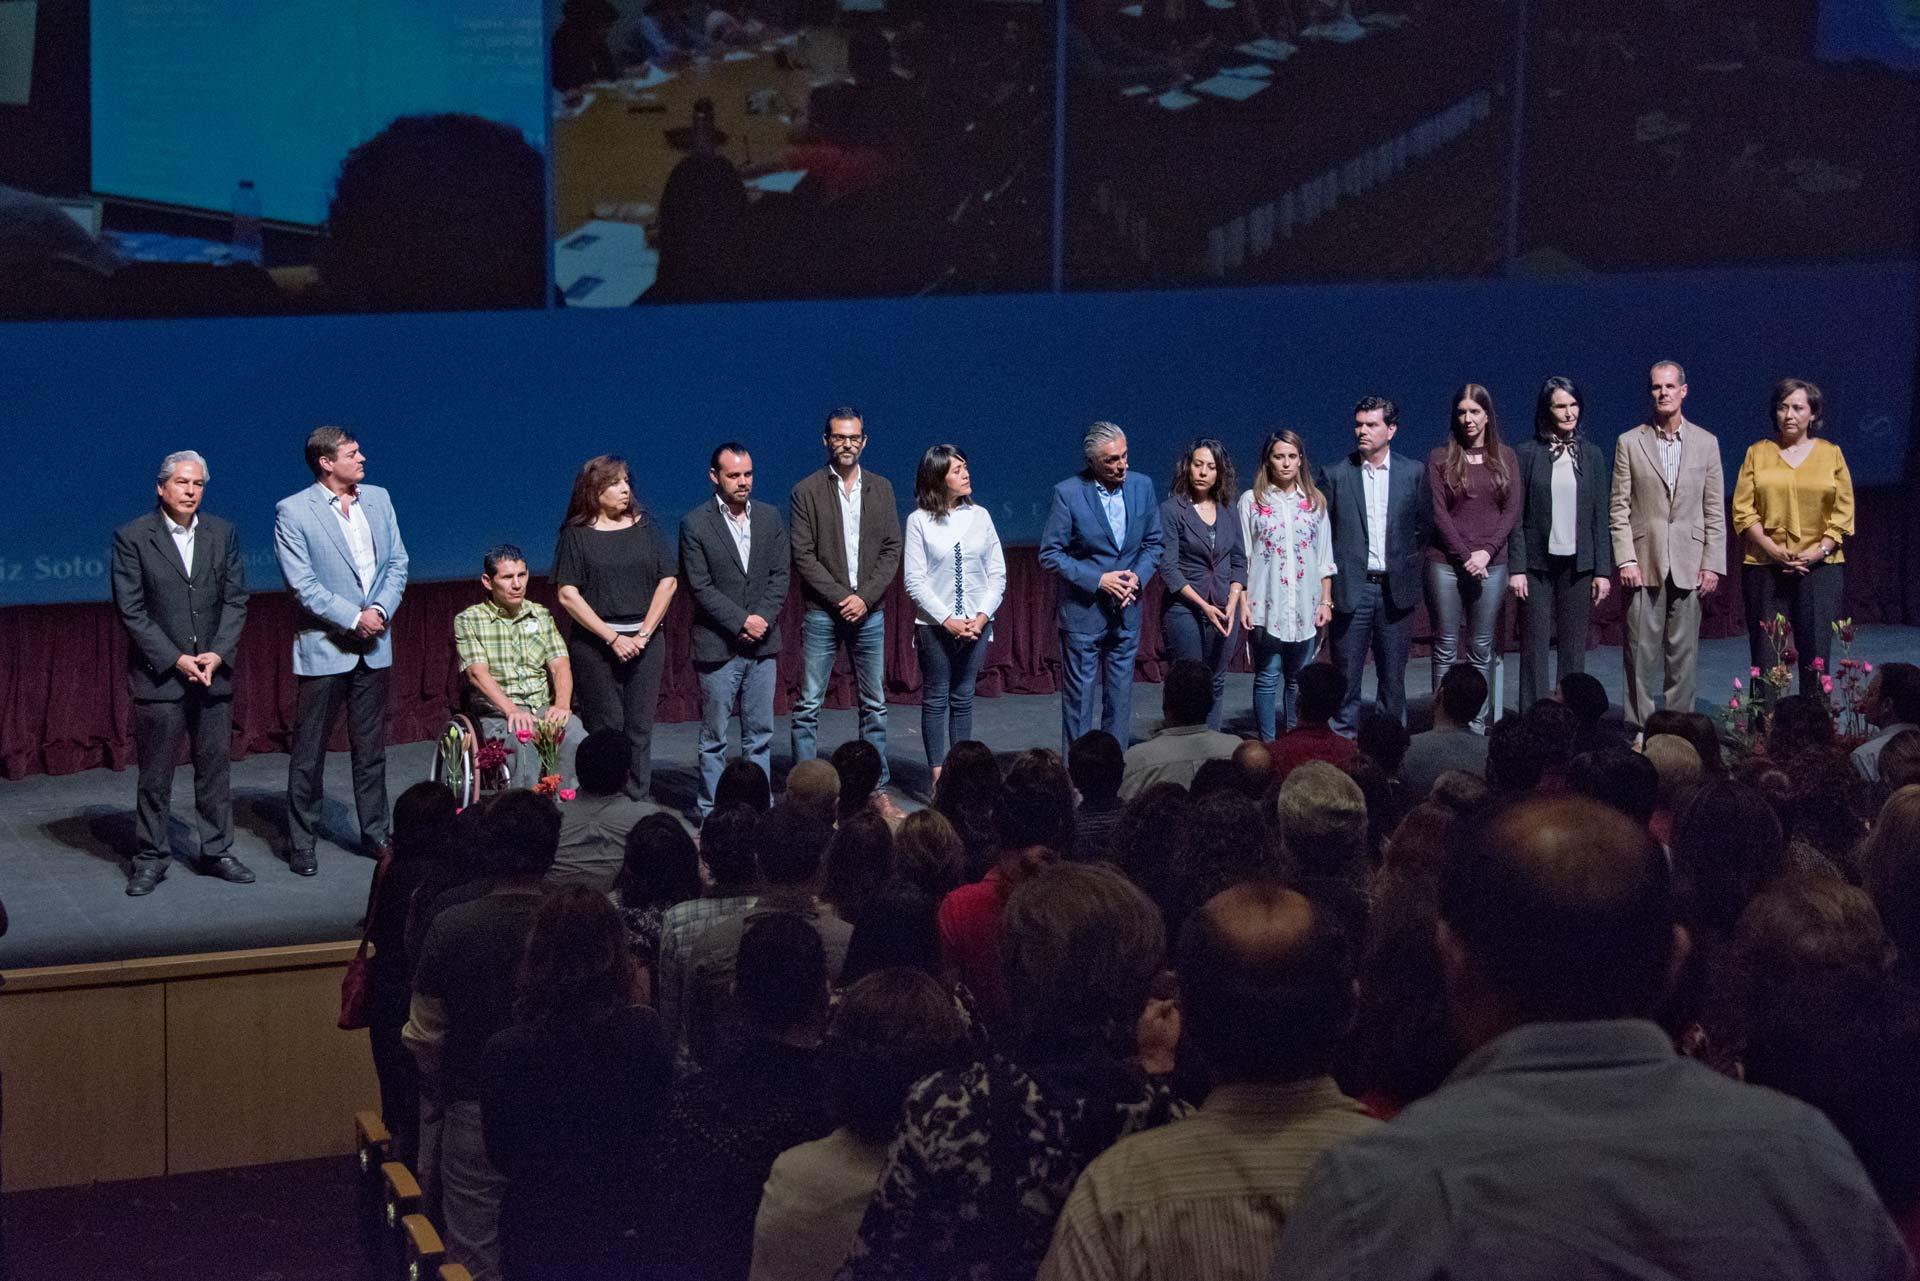 <h3>Dr. Alfonso Ruiz Soto<br /><strong>Conferencia «Una notable ausencia: Tú»</strong><br />Teatro José Pablo Moncayo PALCCO, Zapopan, JAL. Octubre 12, 2017.</em></h3>